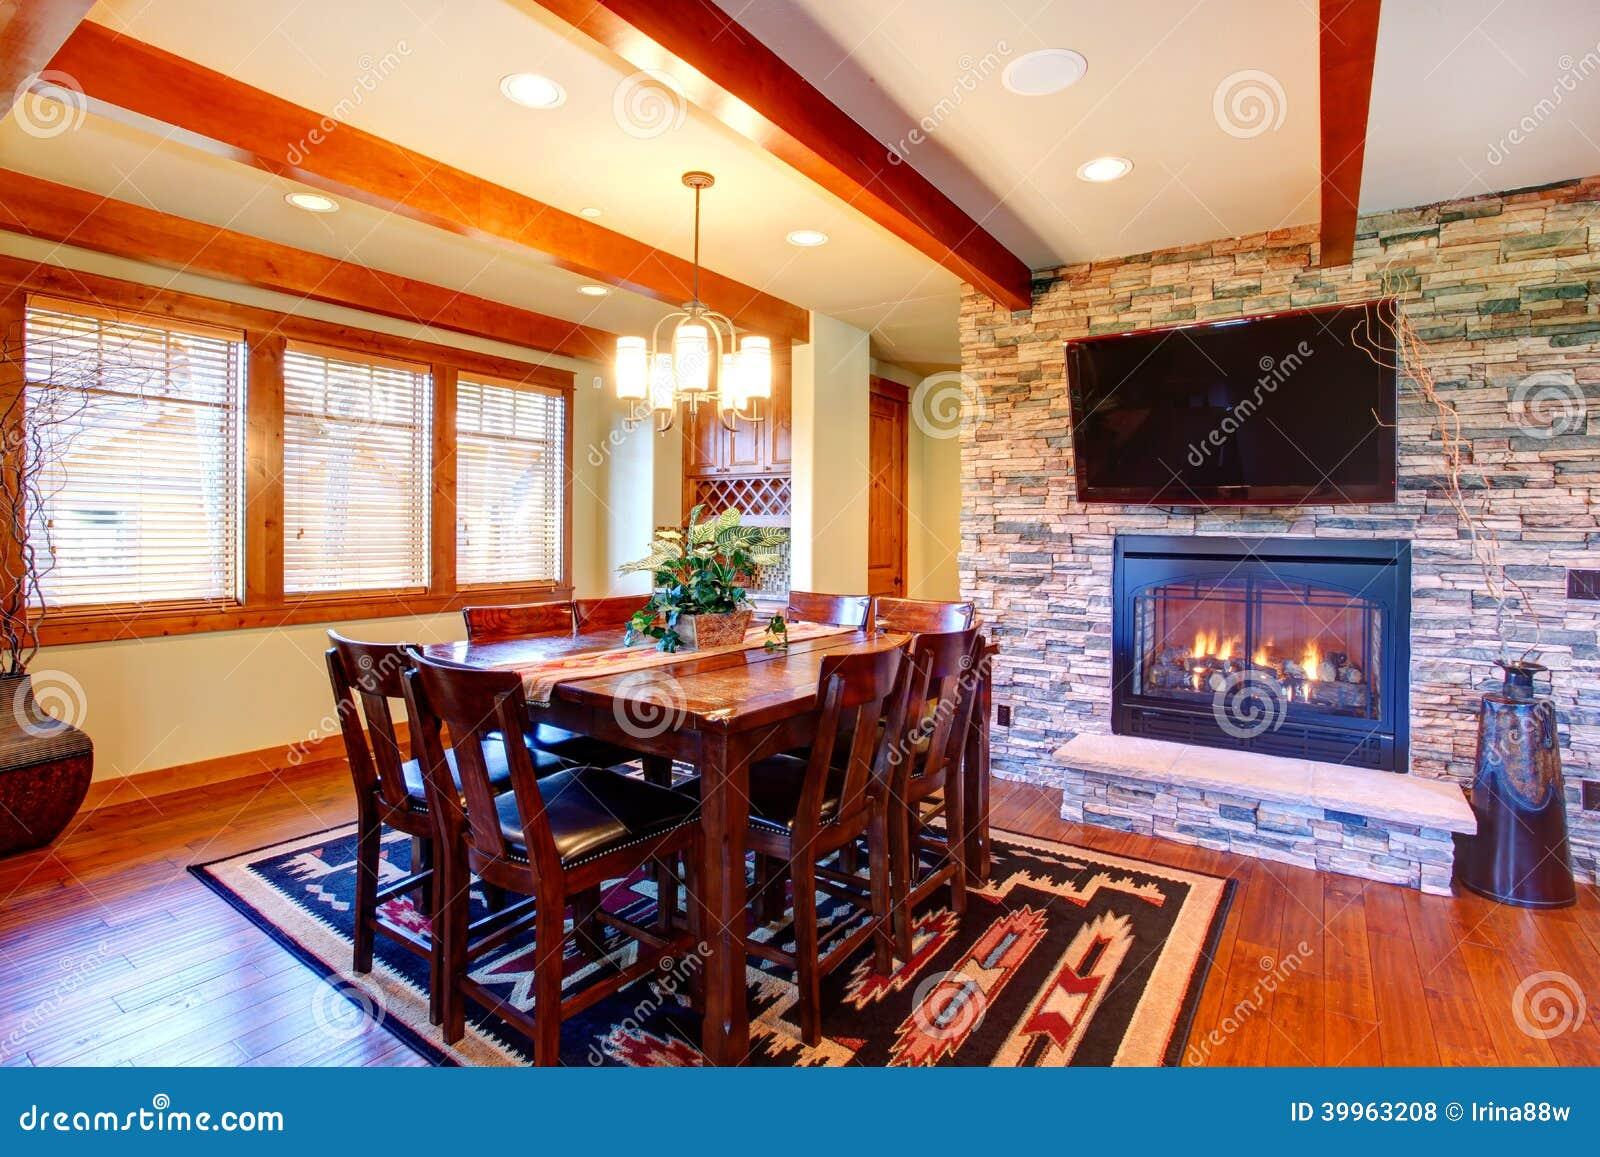 int rieur de luxe de maison salle manger photo stock image du d cor famille 39963208. Black Bedroom Furniture Sets. Home Design Ideas